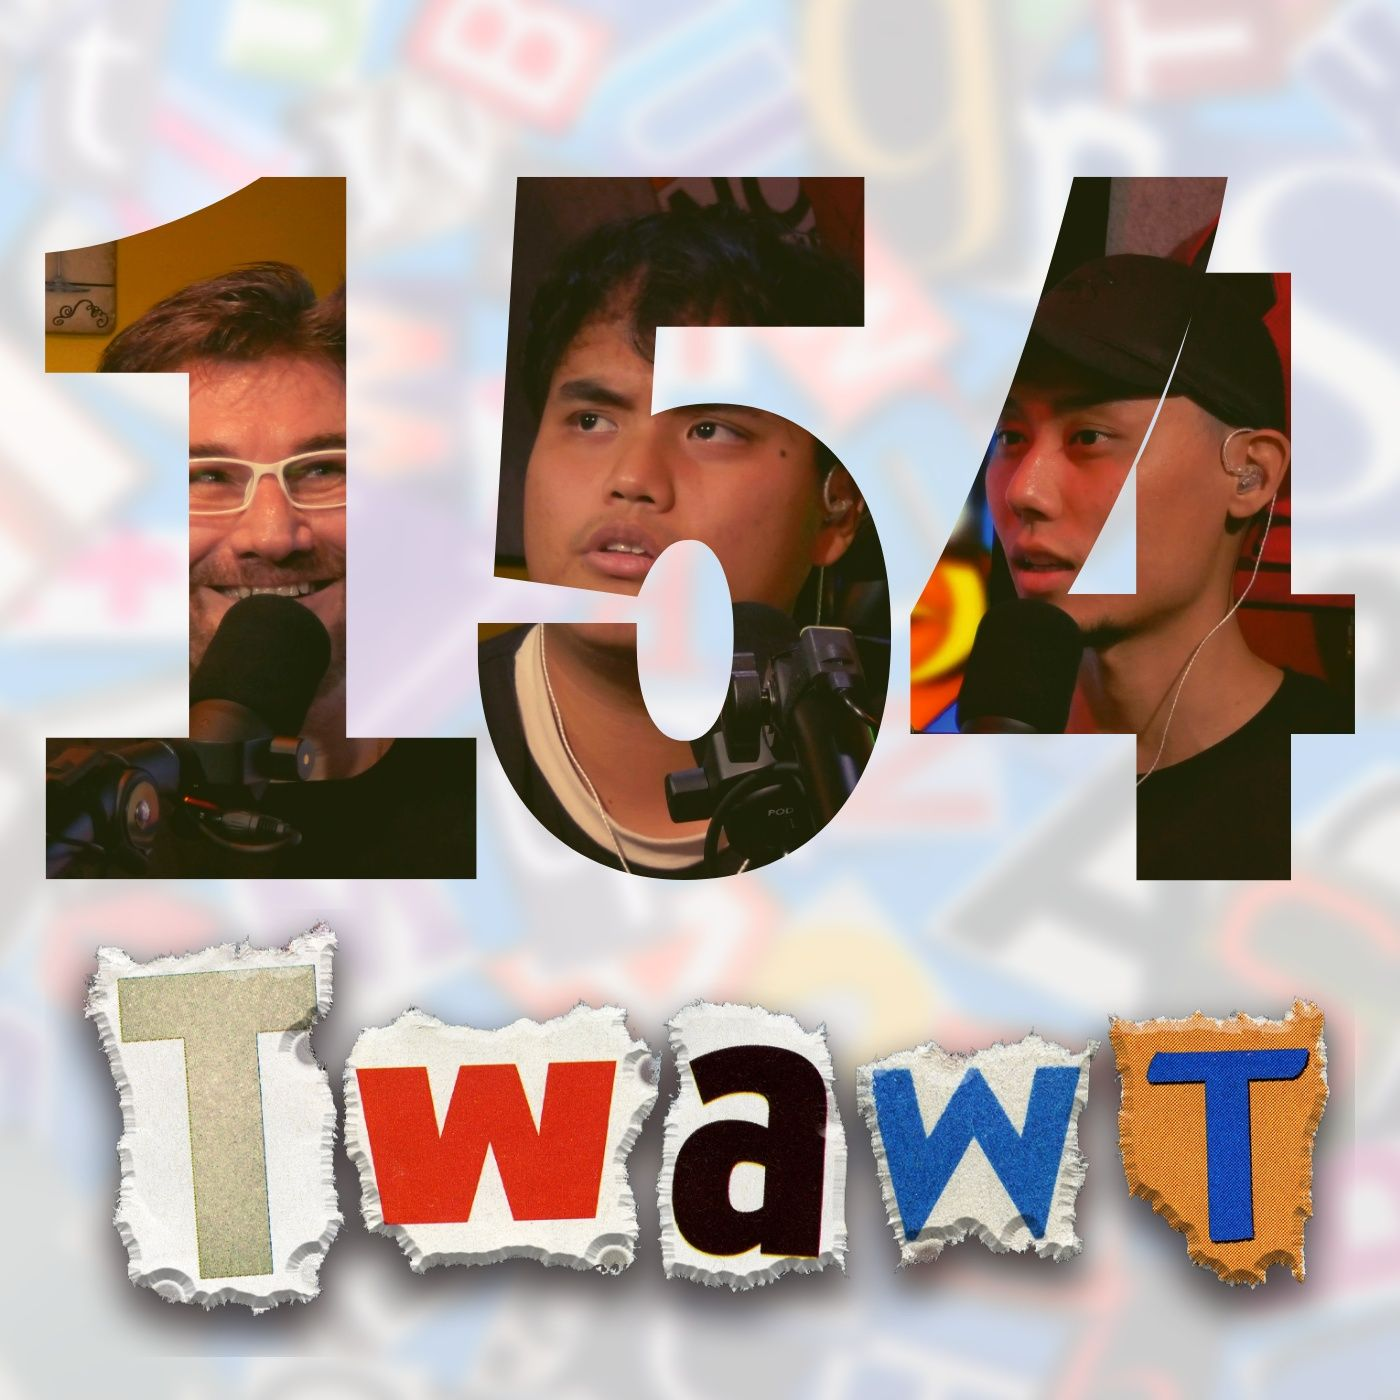 #154 Prancercise, Jazzercise, China Politics, Singapore Media, Wandavision and More!